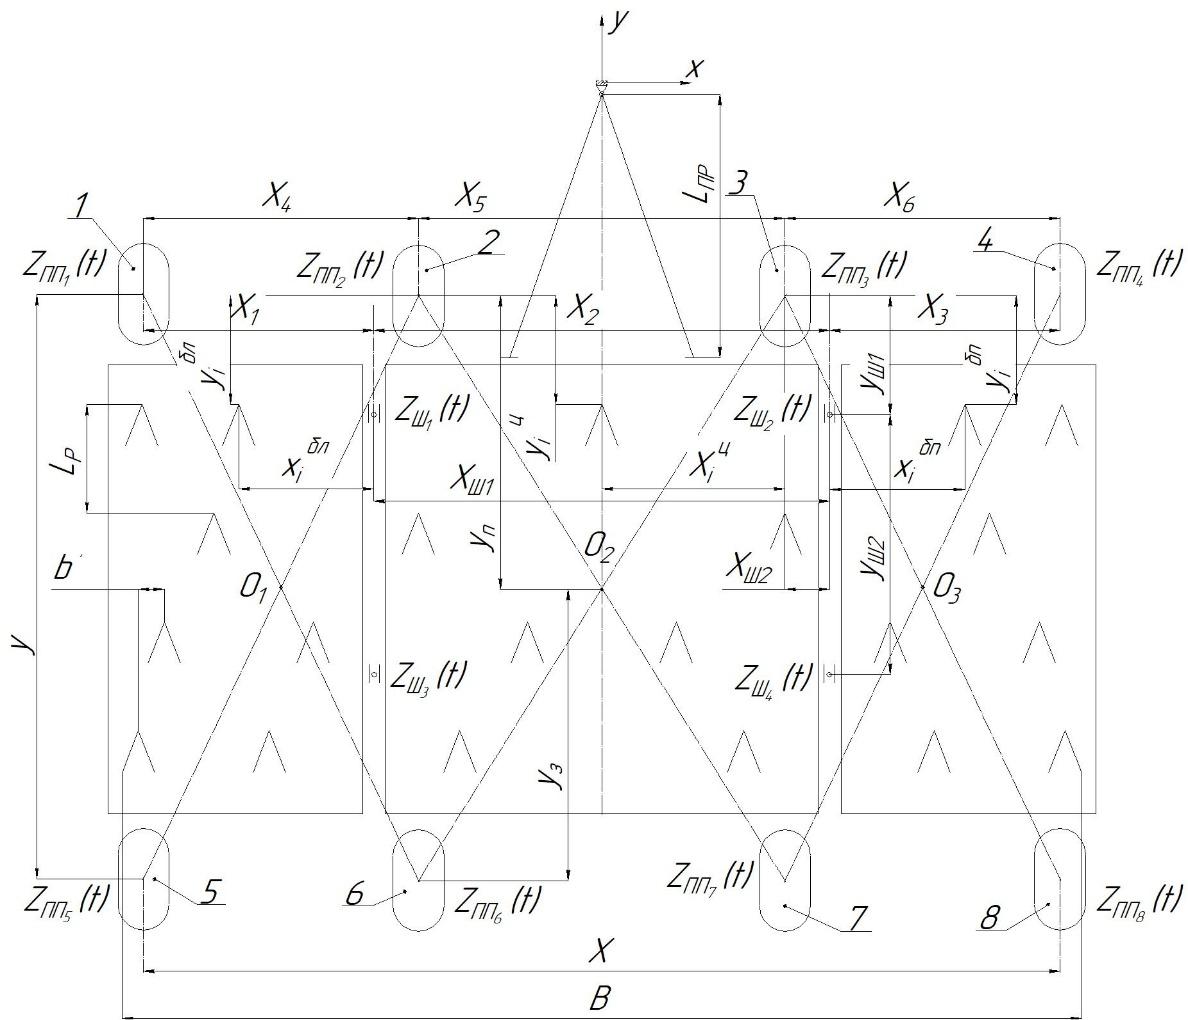 word image 182 Разработка конструктивной схемы и обоснование параметров почвообрабатывающего посевного агрегата с пневматическим высевом семян для тракторов класса тяги 5